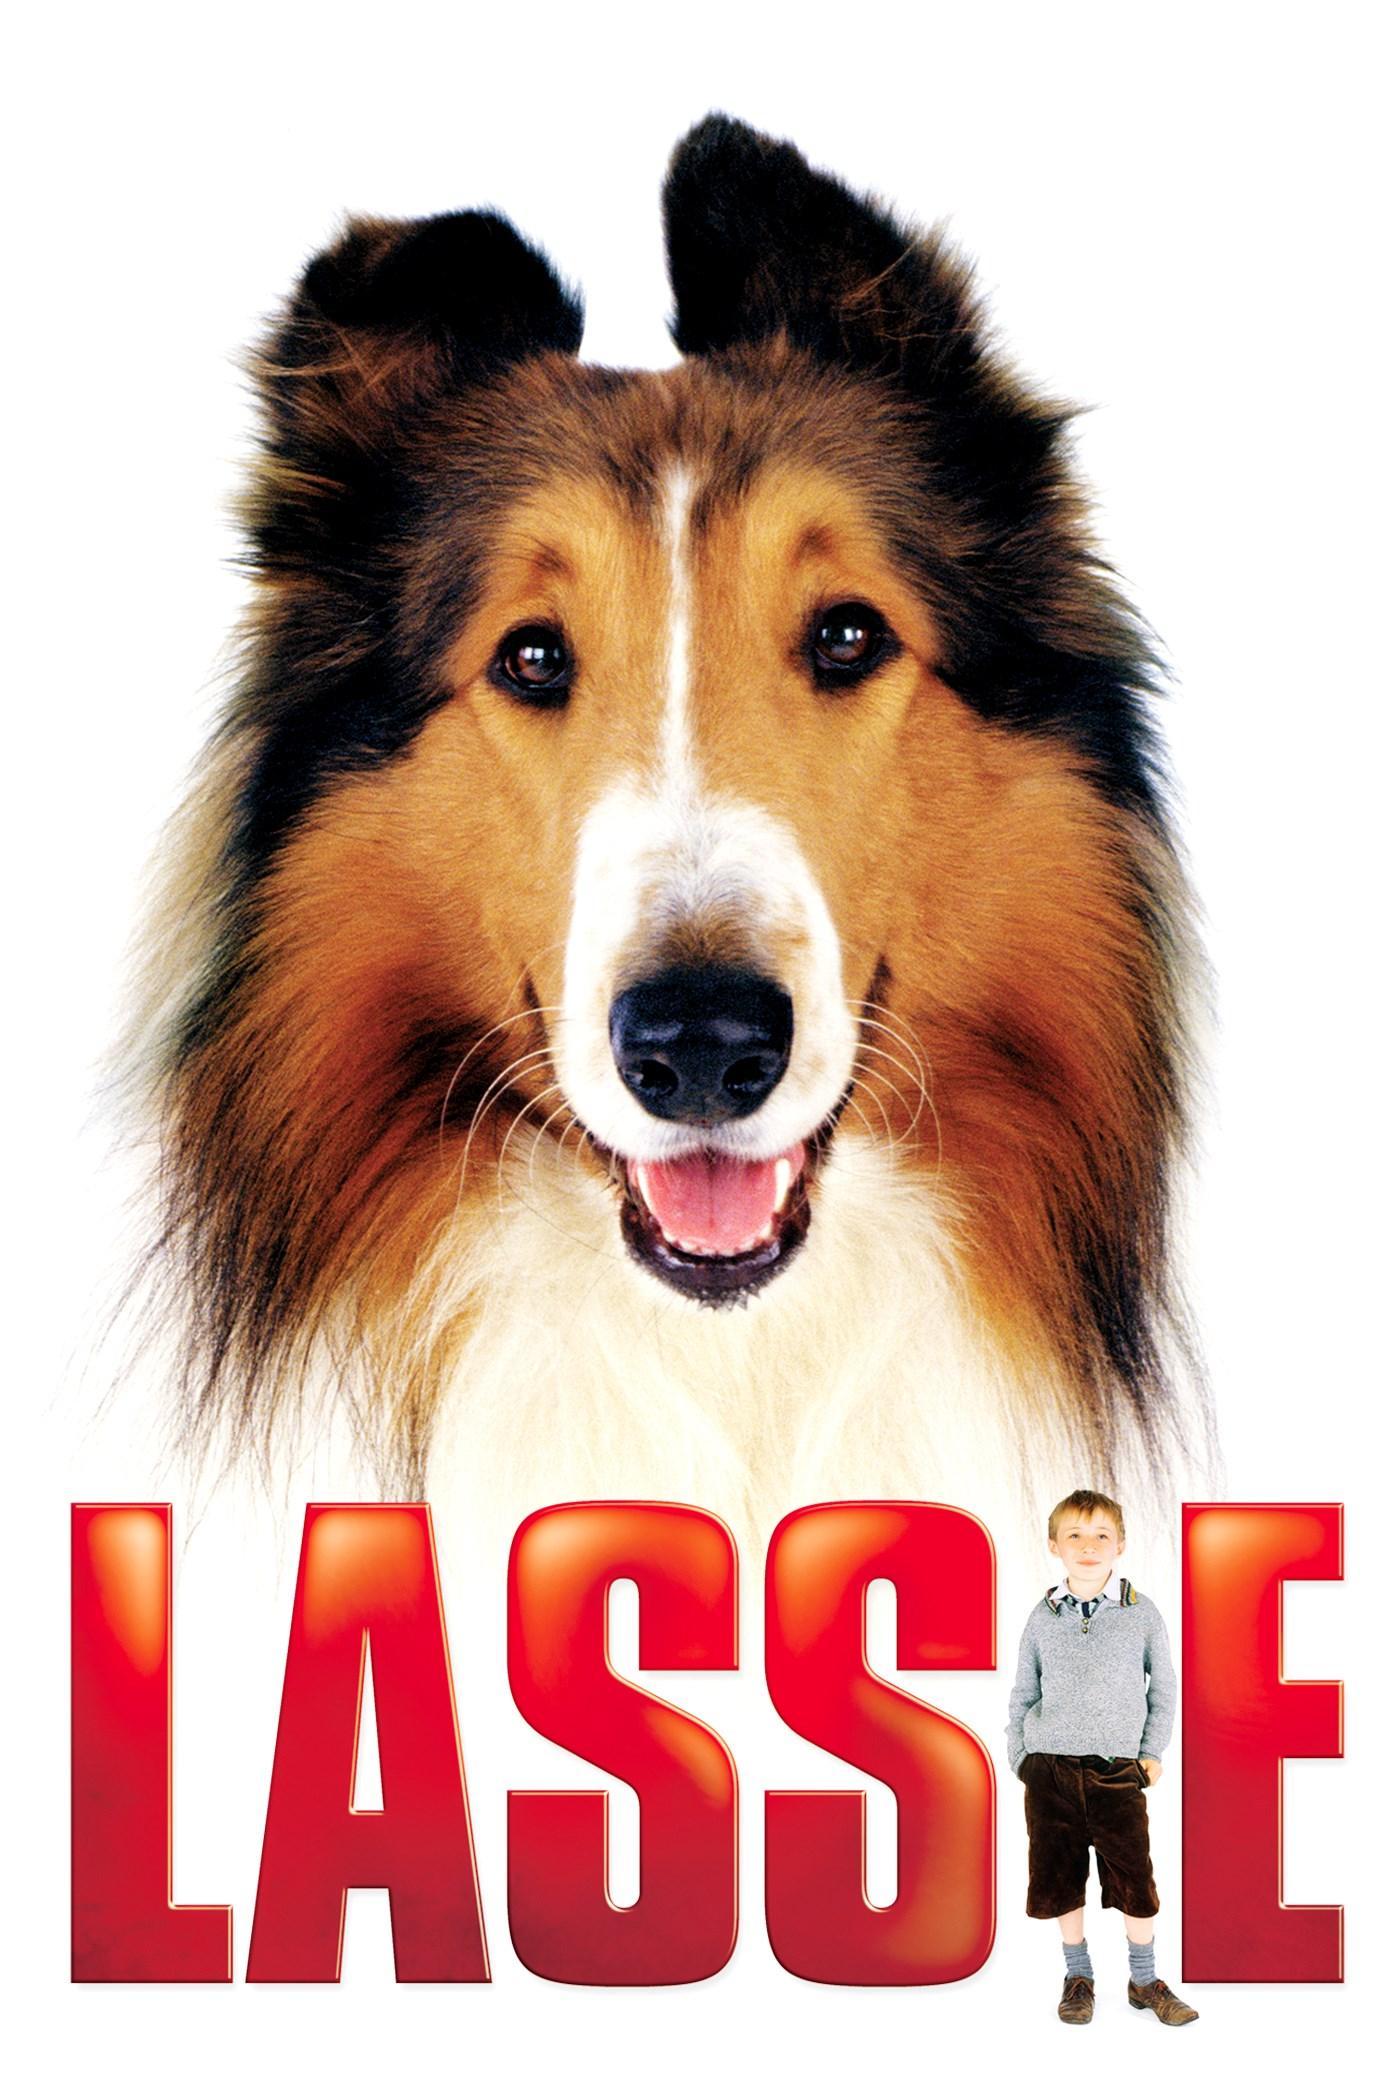 Subscene - Lassie Arabic hearing impaired subtitle